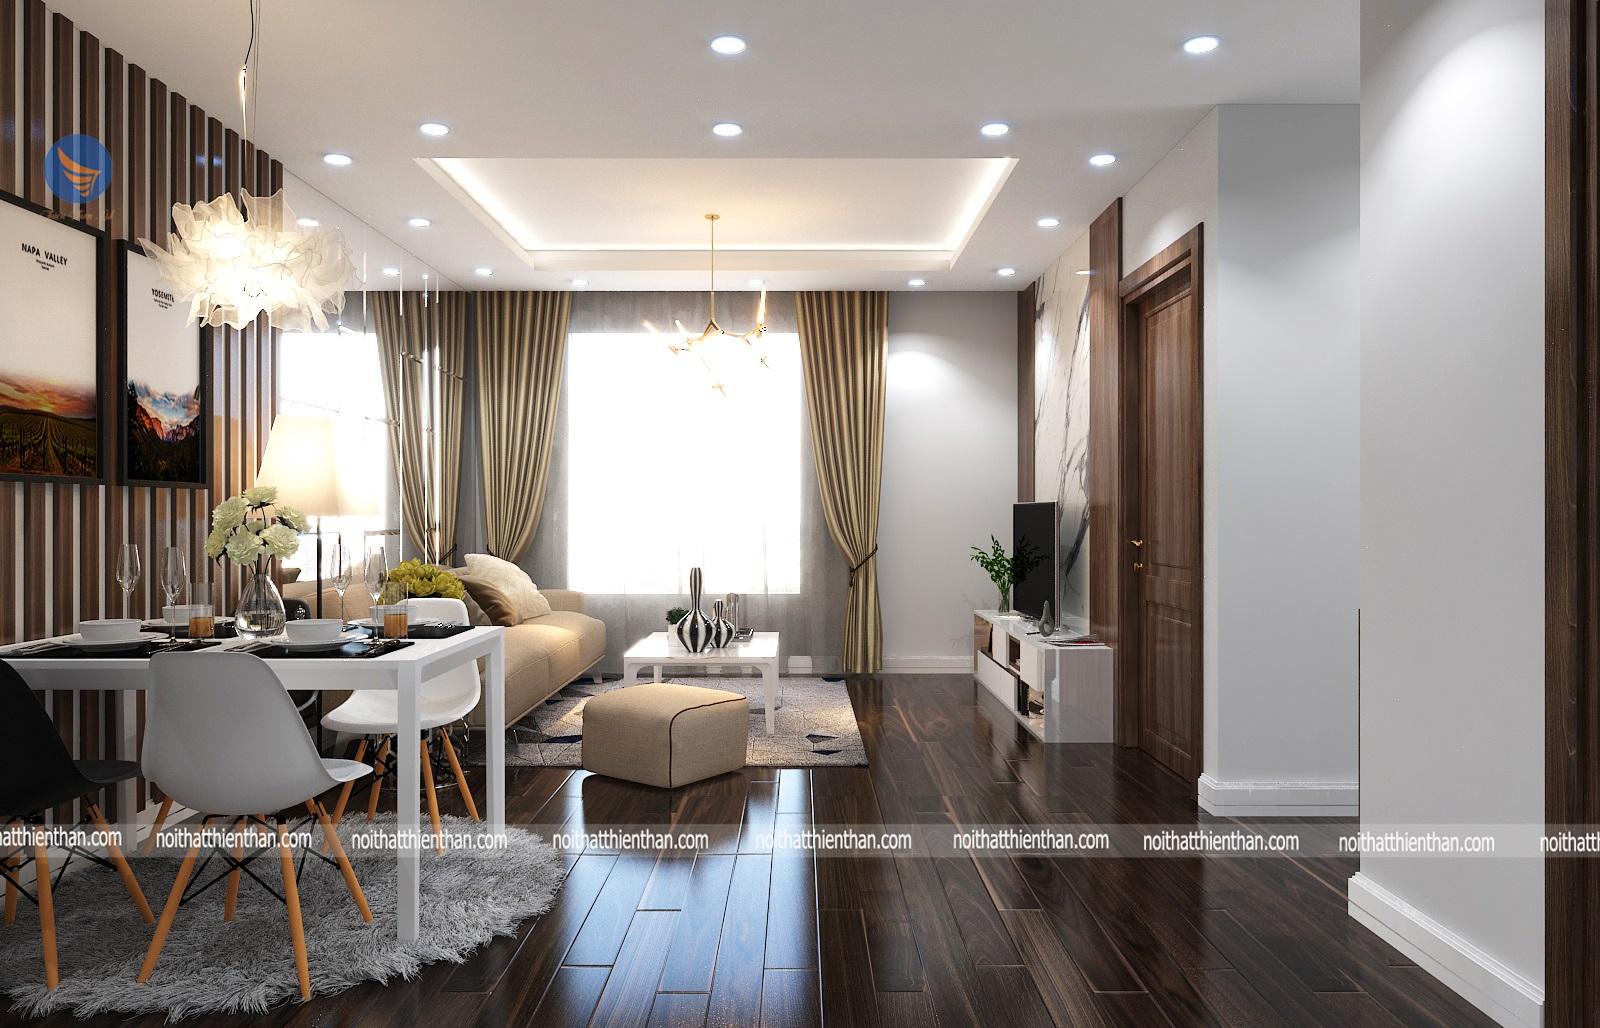 """Kinh nghiệm thiết kế nội thất chung cư đầy đủ cho người """"lần đầu"""""""